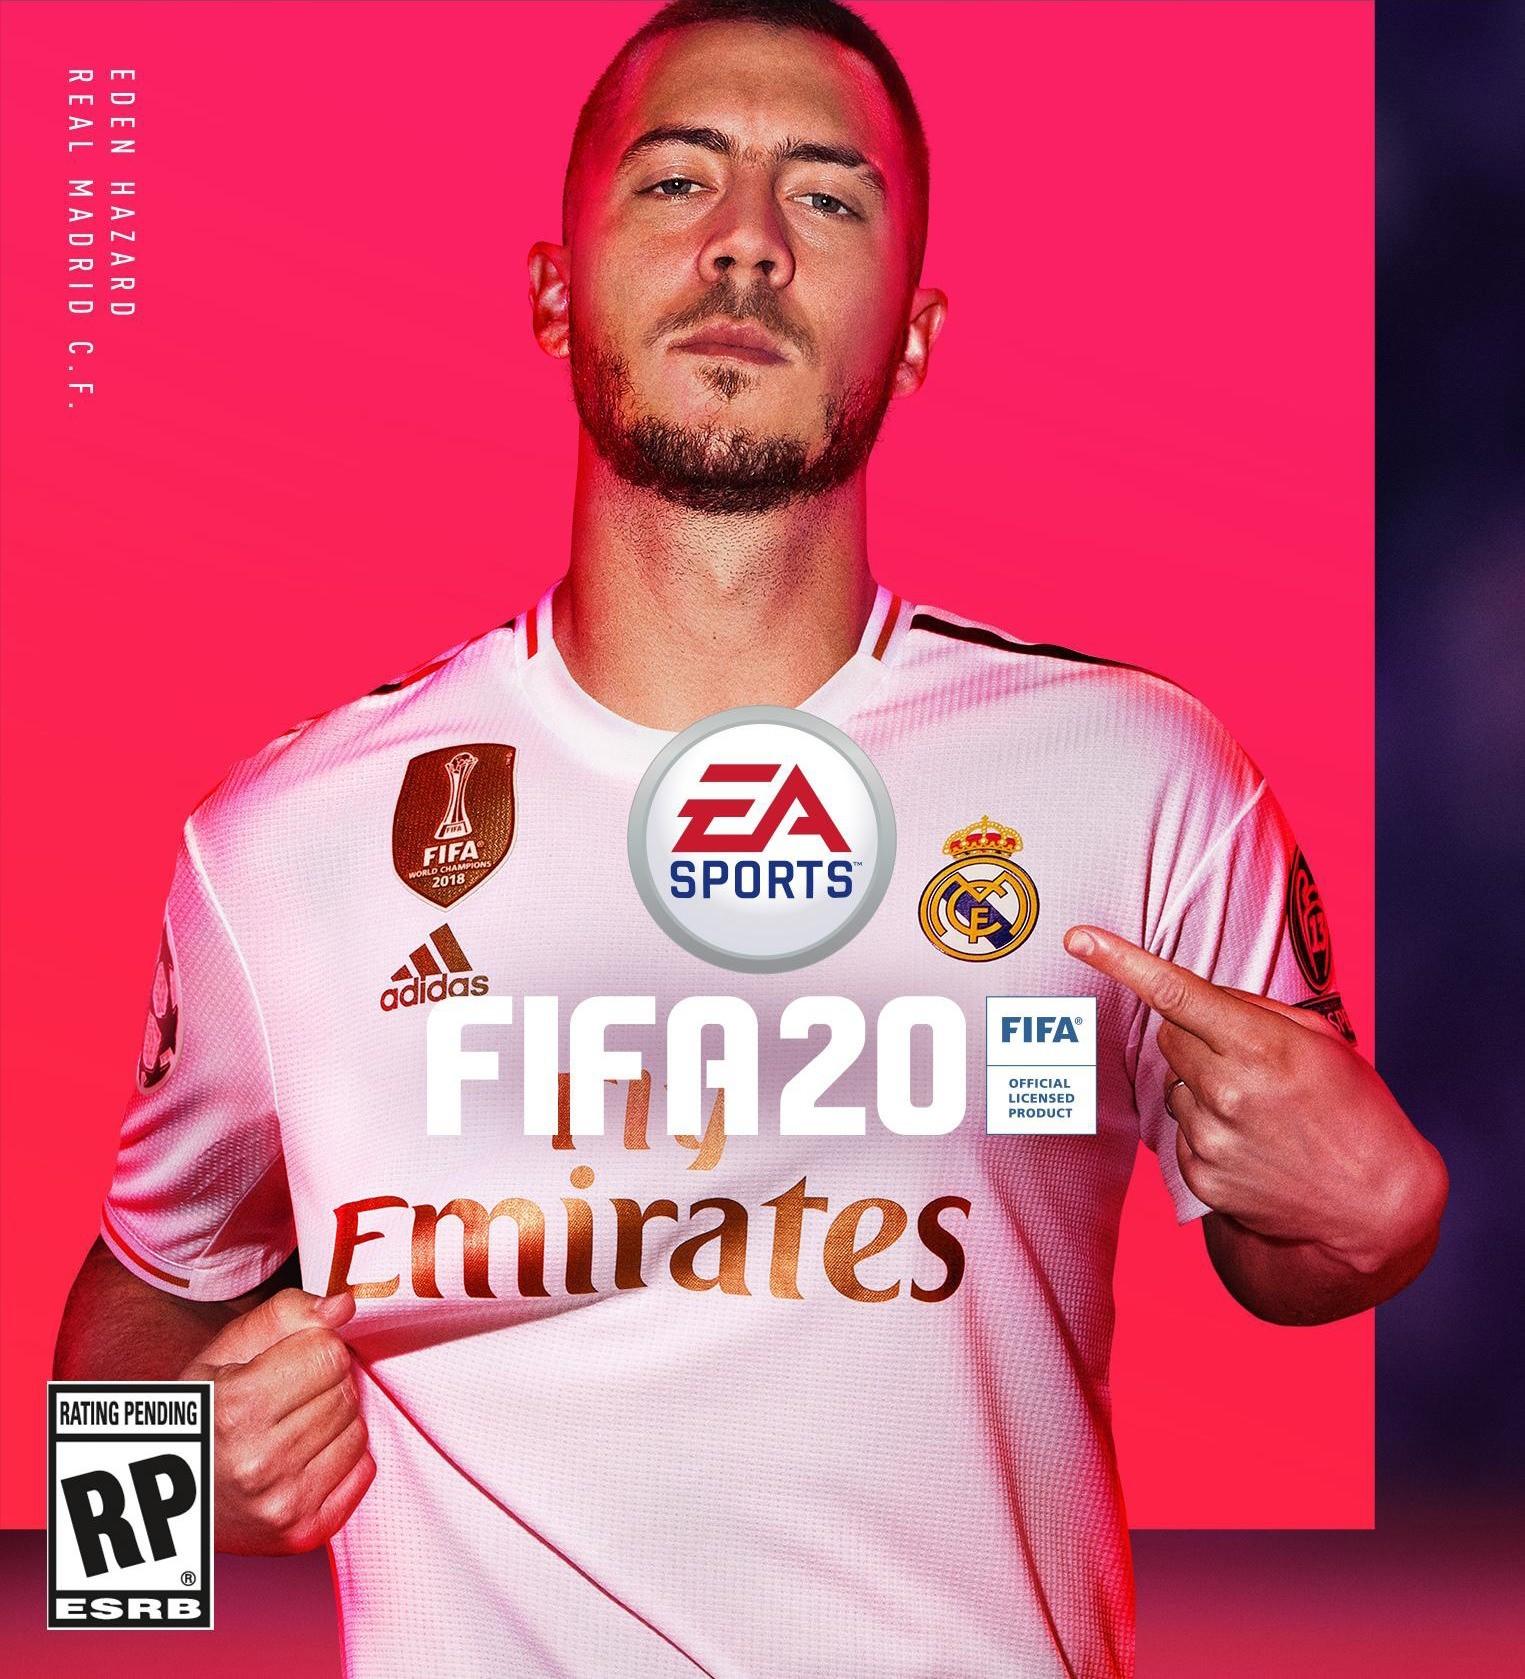 اکانت اشتراکی بازی FIFA 20